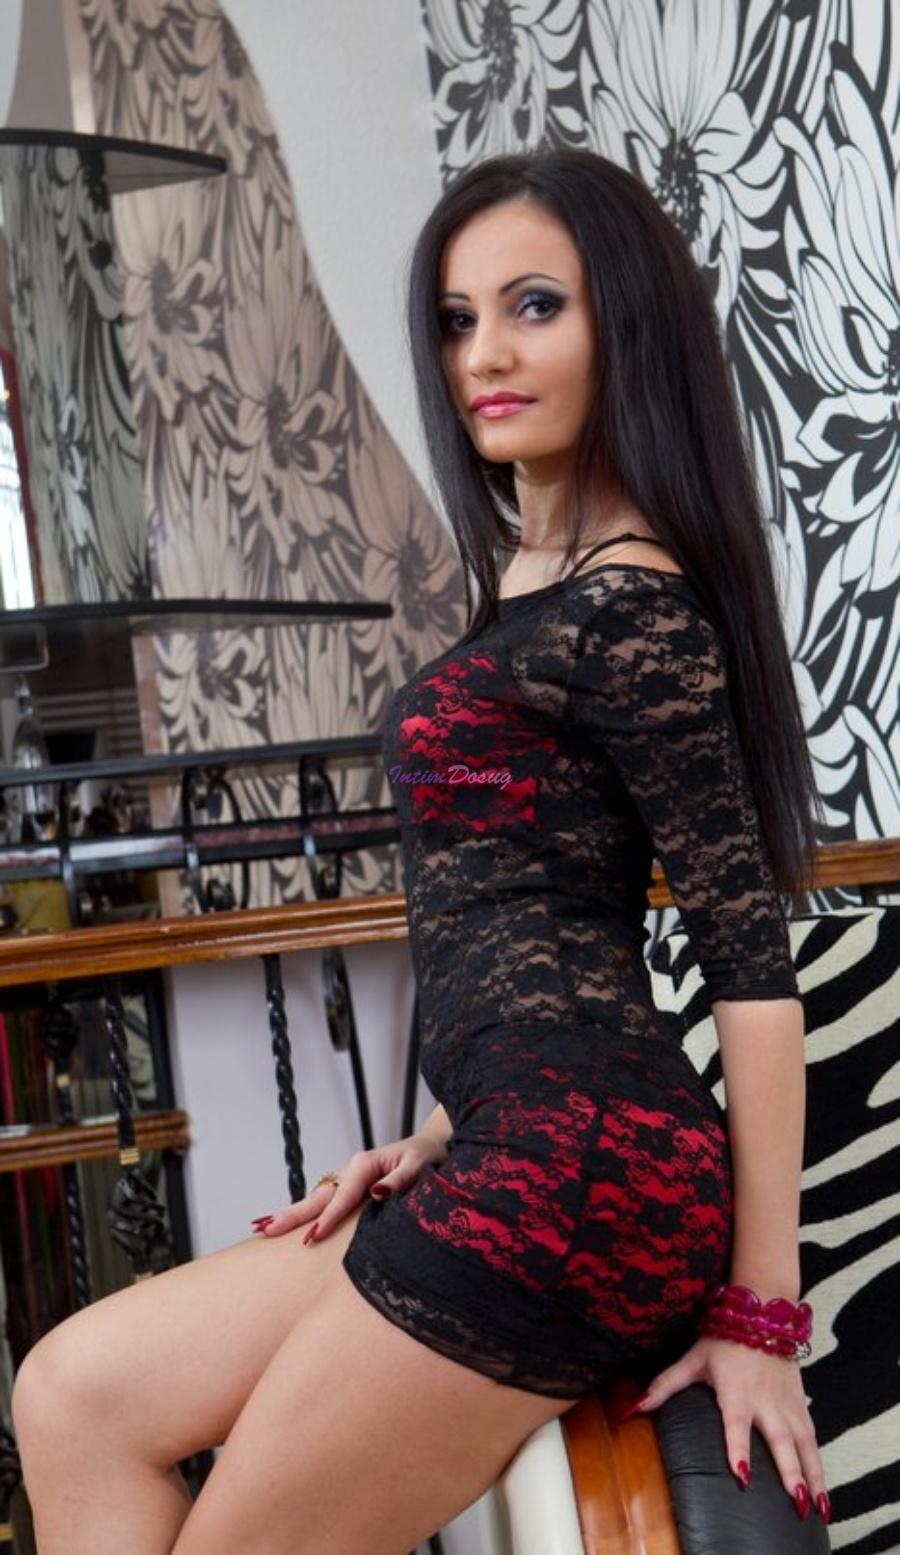 Проститутки Москвы  элитные путаны дешёвые шлюхи